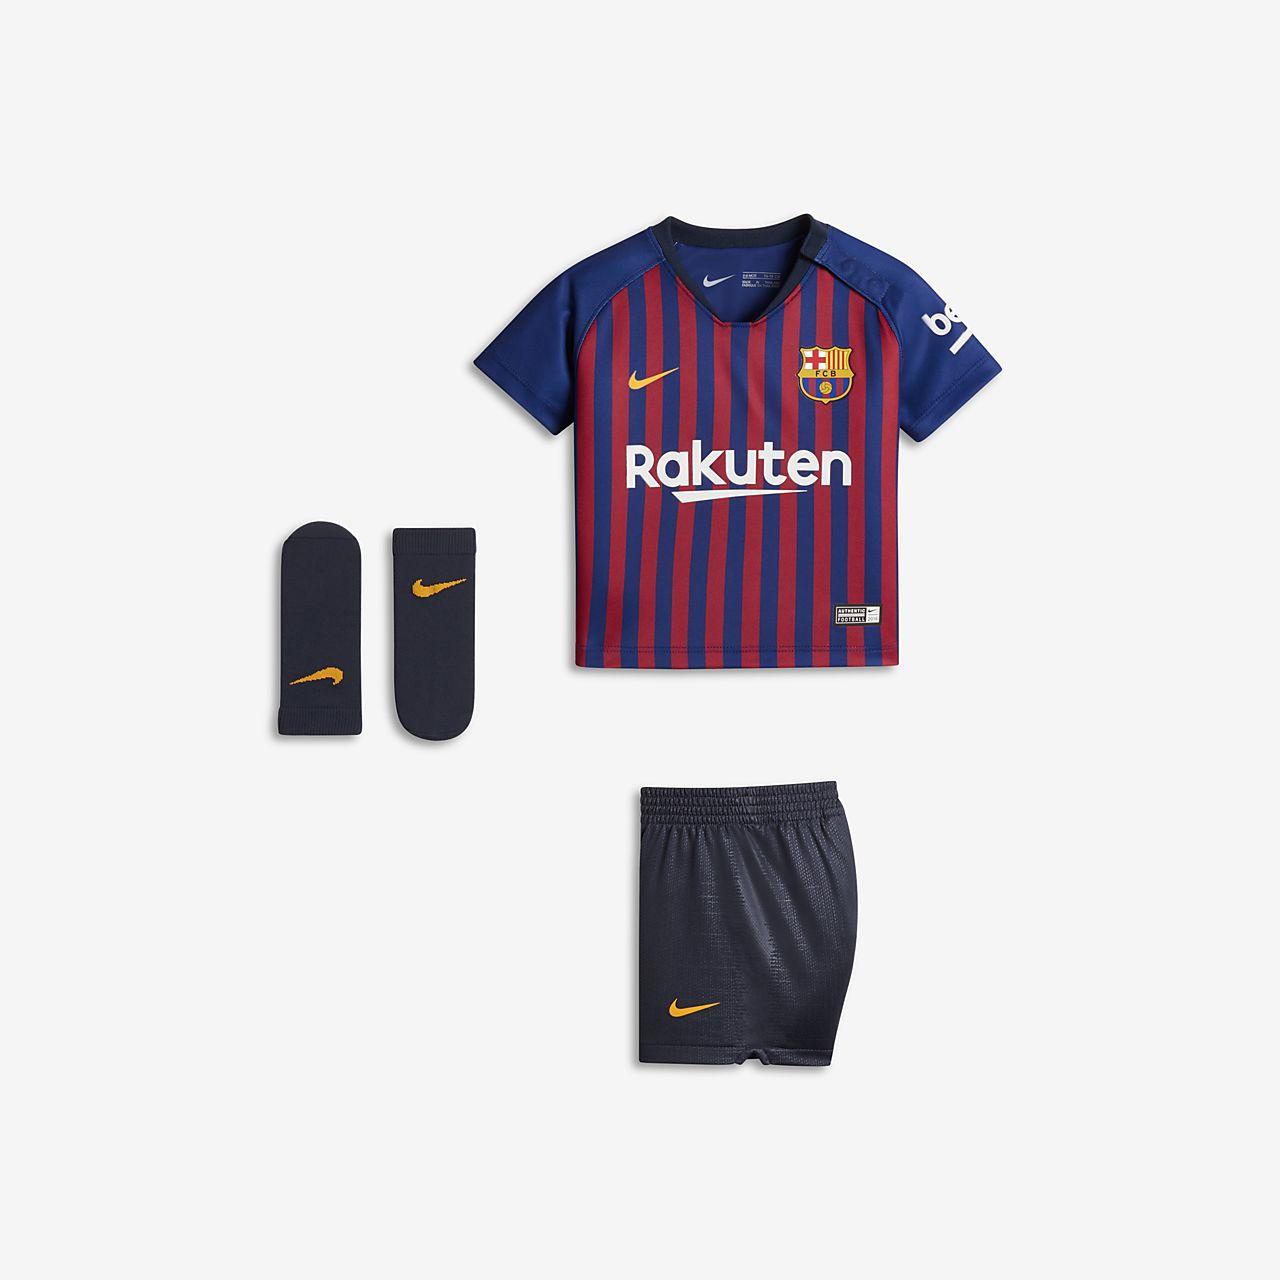 2018/19 FC Barcelona Stadium Home fotballdraktsett for spedbarn